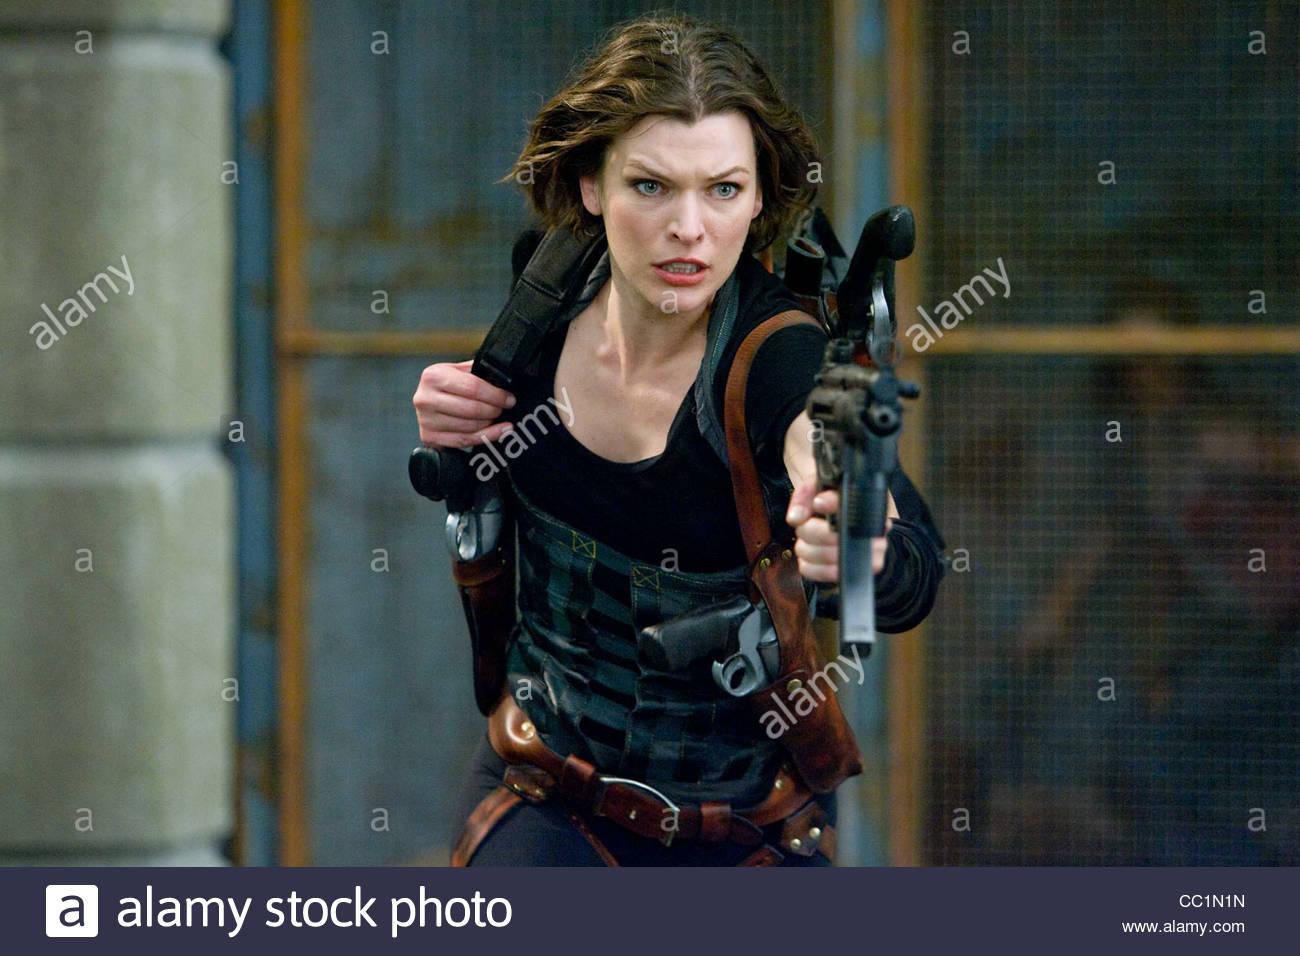 Afterlife 4 Milla Jovo... Milla Jovovich Resident Evil 4